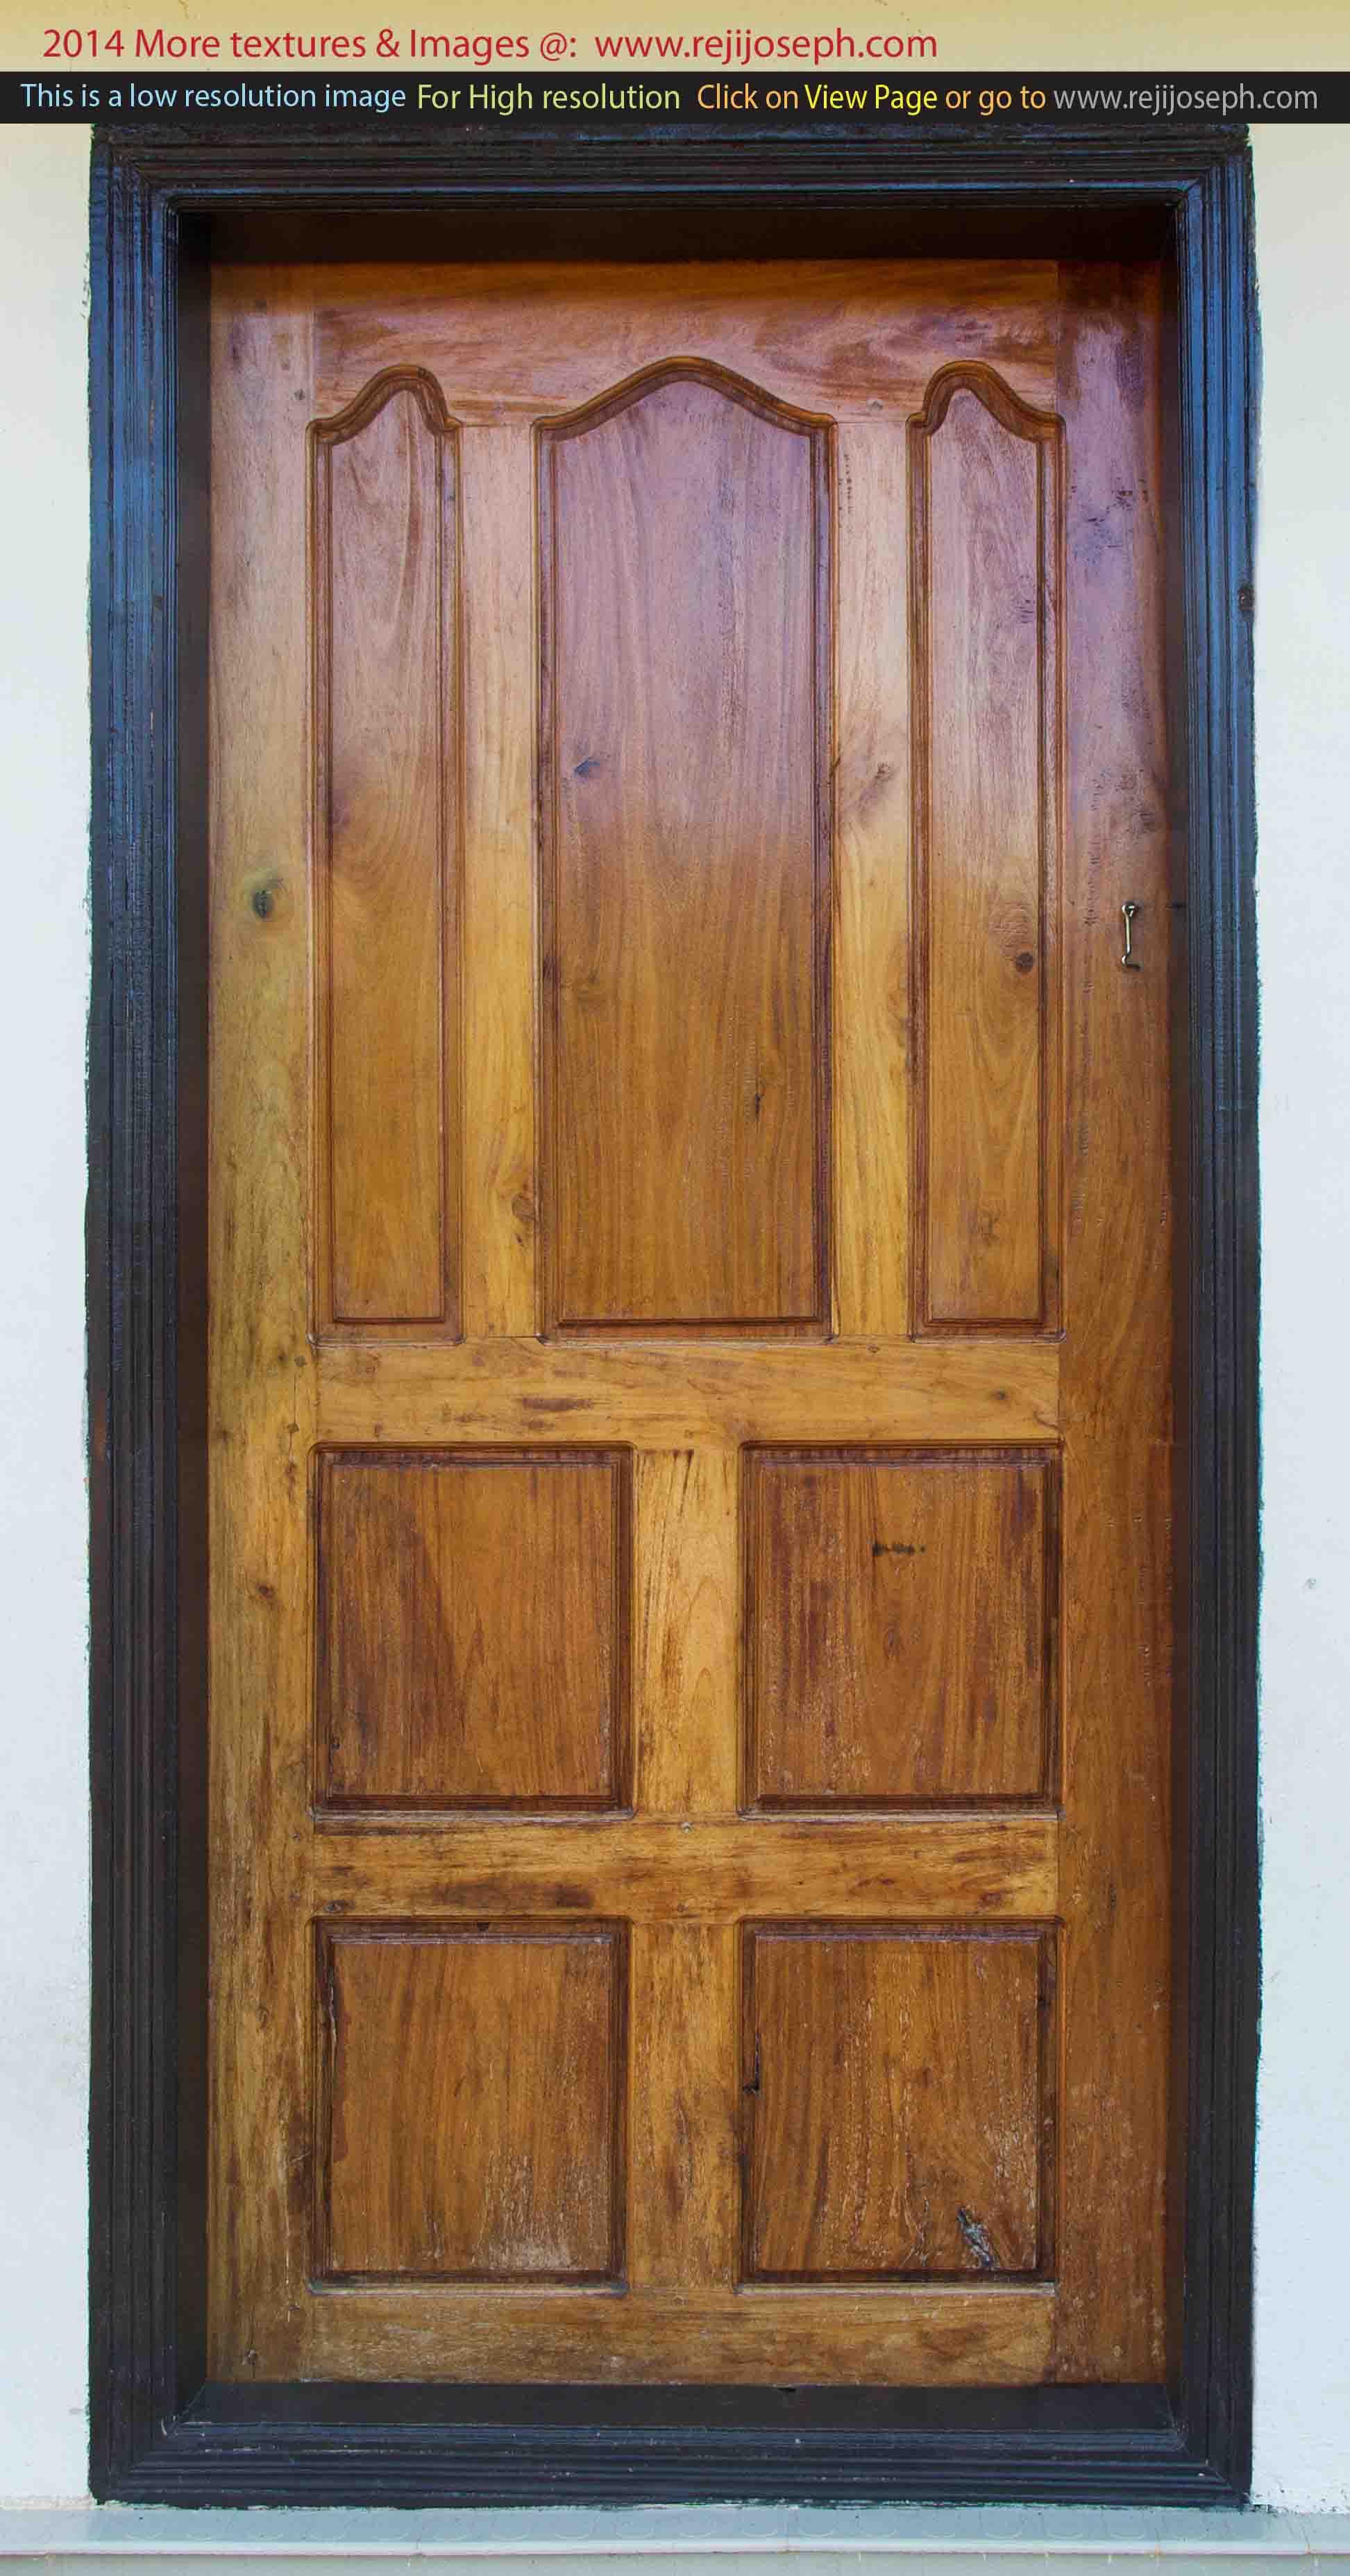 Wooden door texture 00005